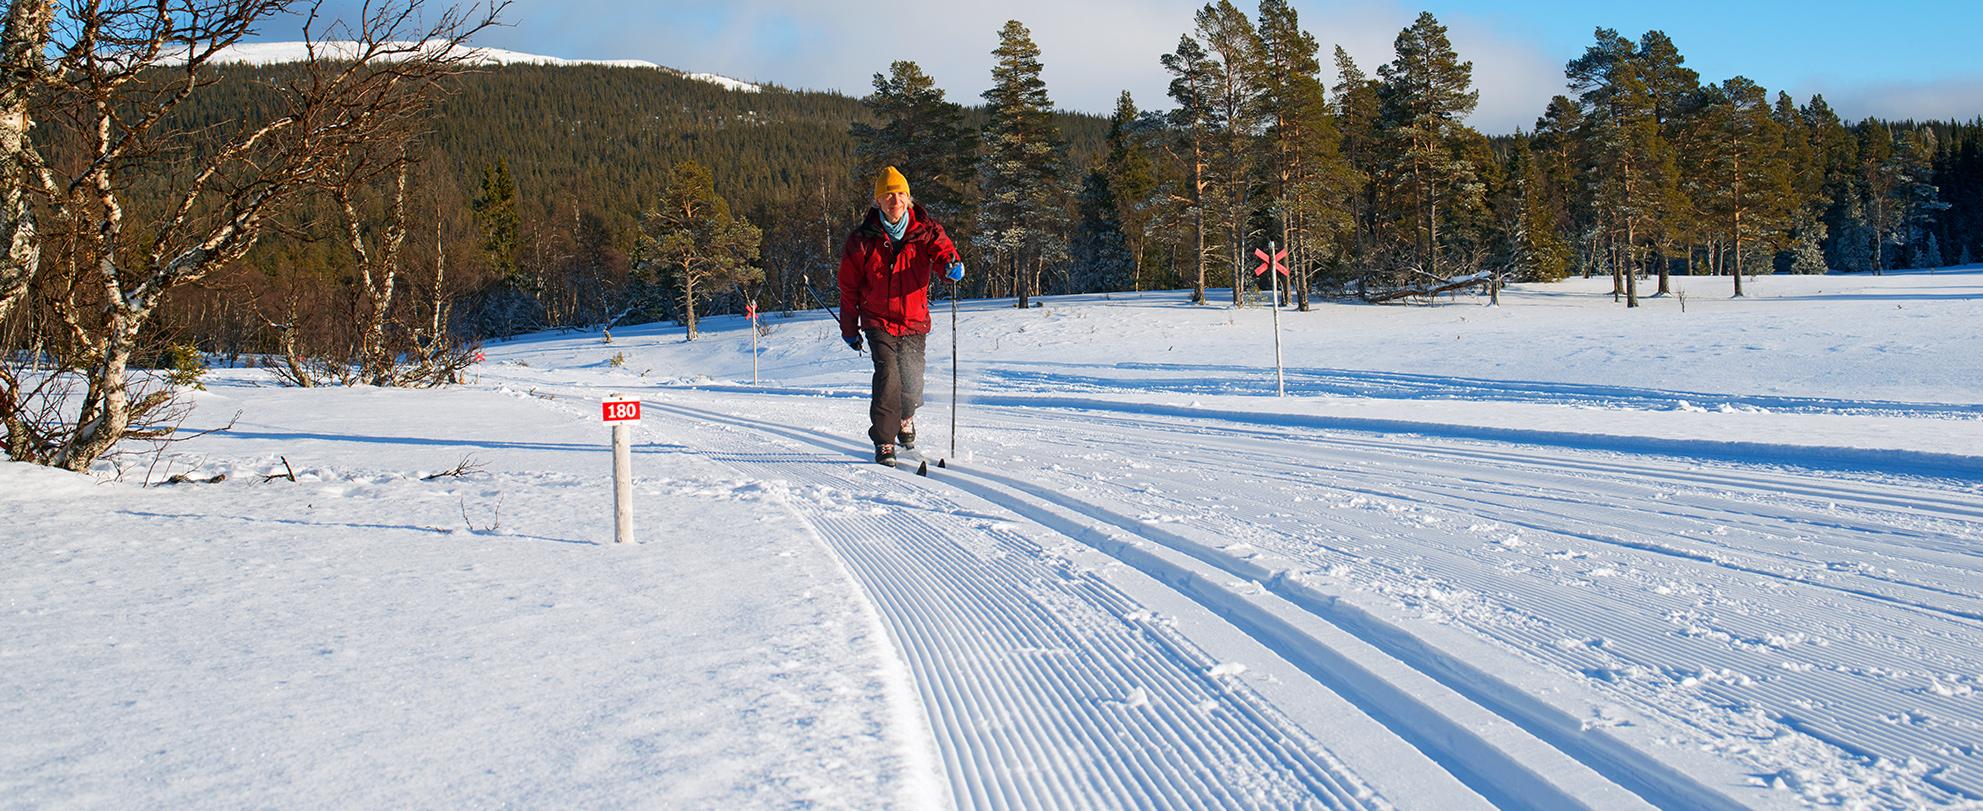 Våffelturen Går I Skogsterräng Och Delvis I Vålådalens Naturreservat. En Fjällupplevelse I Världsklass I Södra Årefjällen.